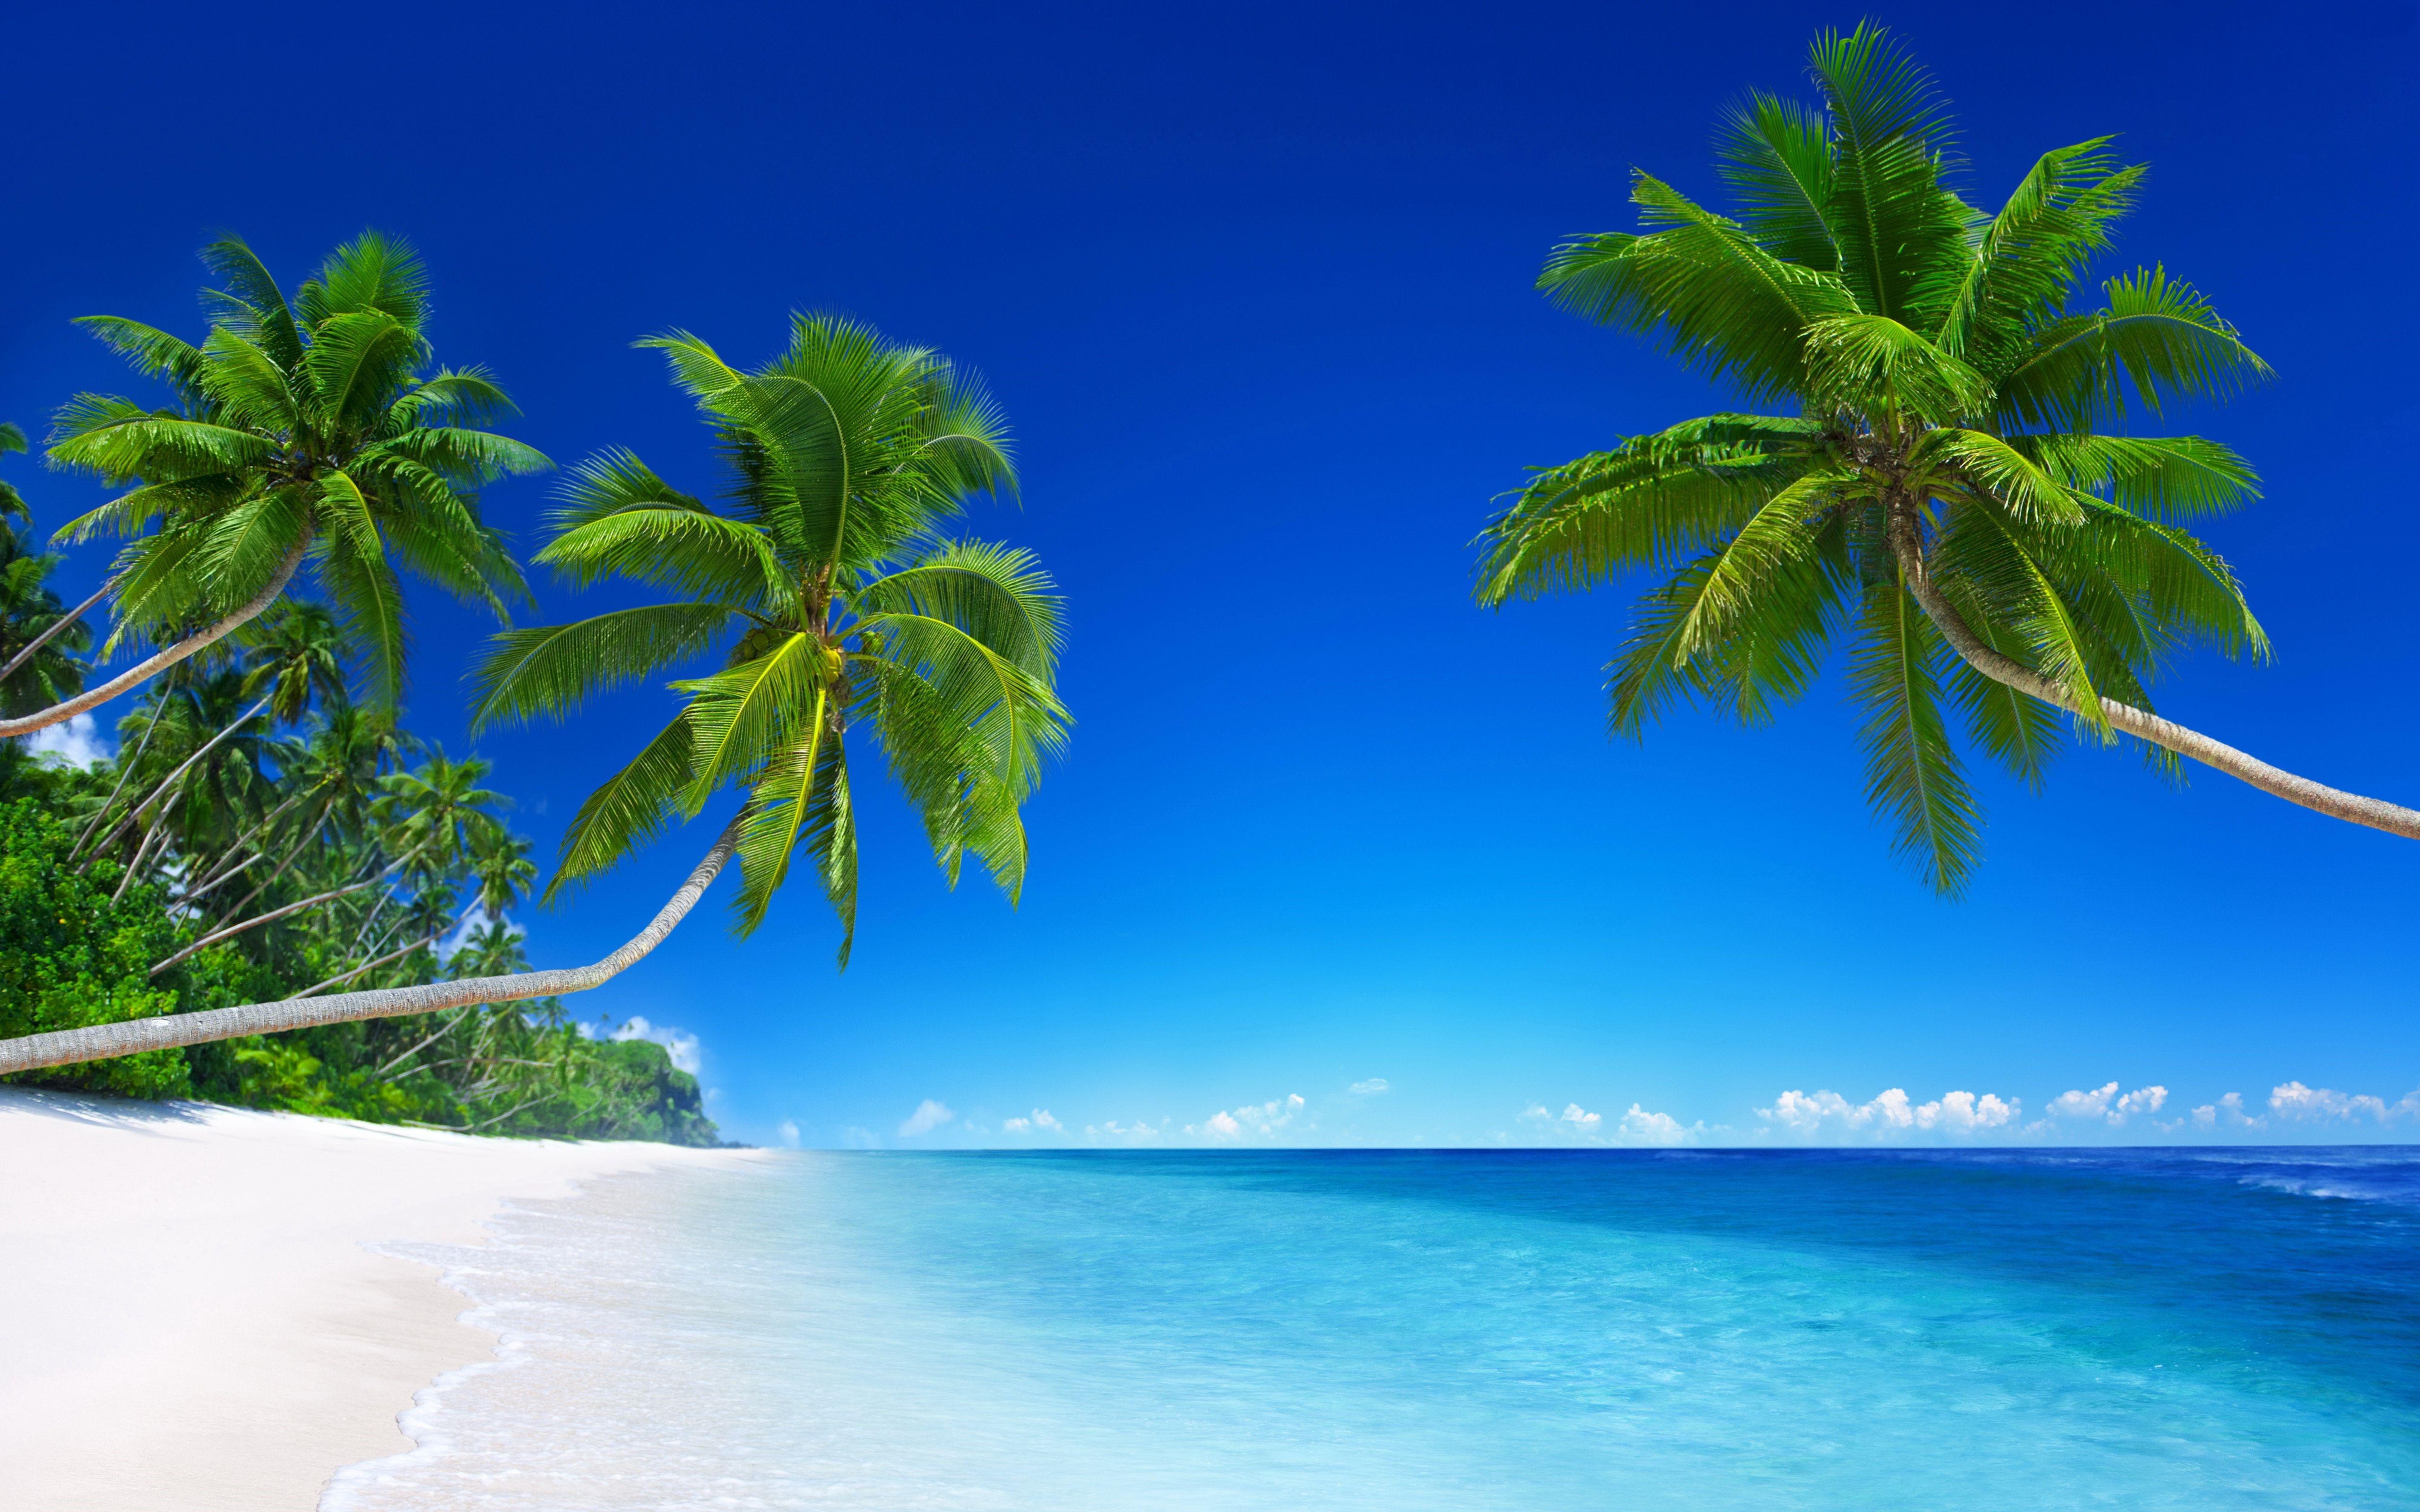 Island Photos